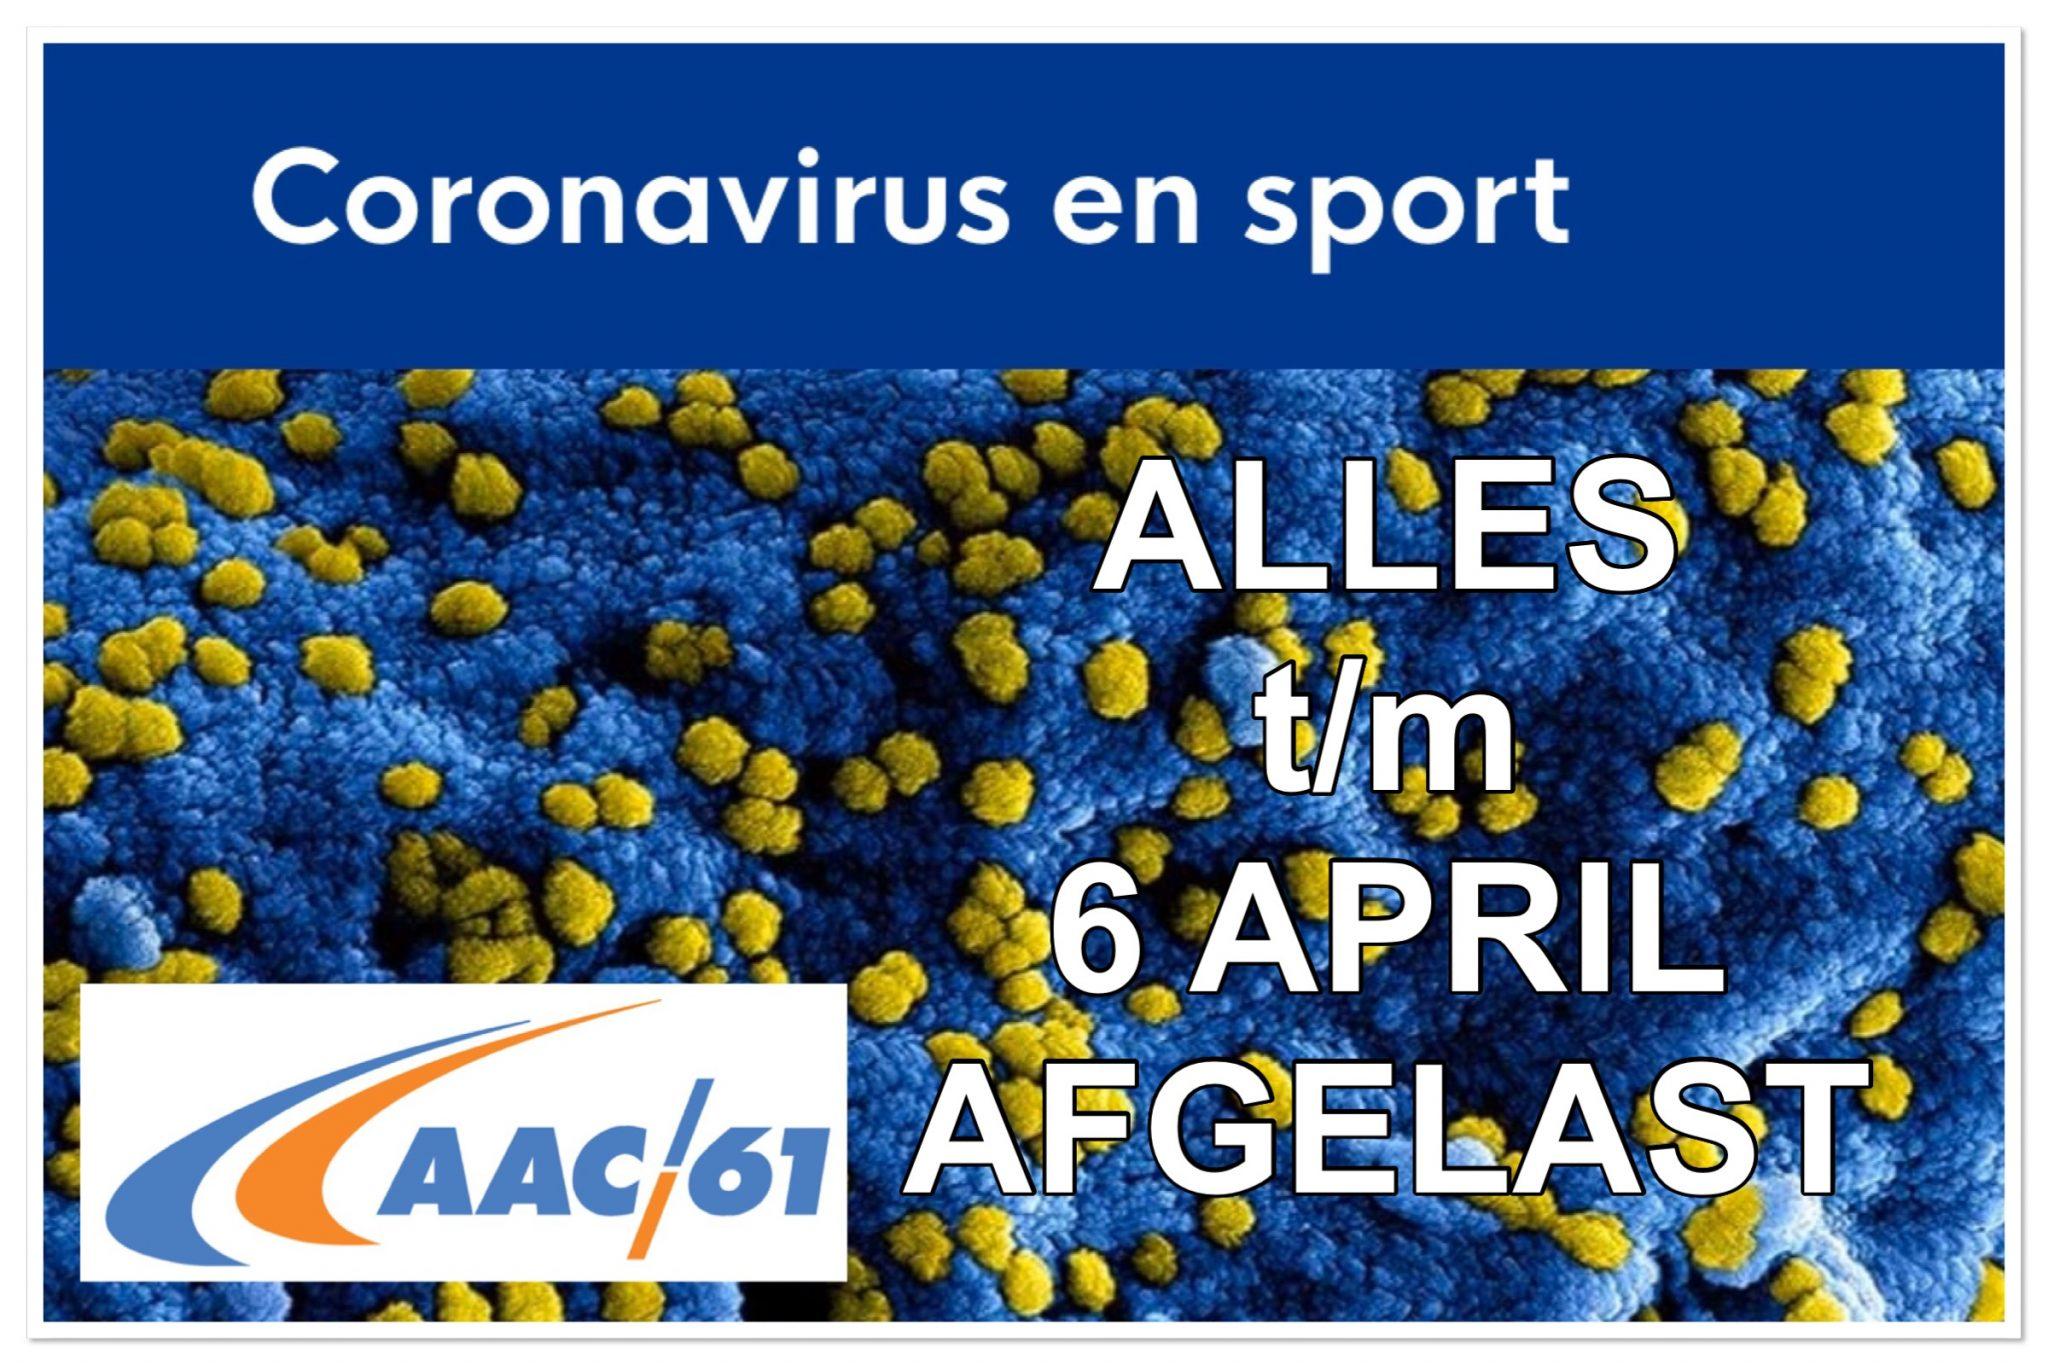 Update coronavirus: alles t/m 6 april afgelast